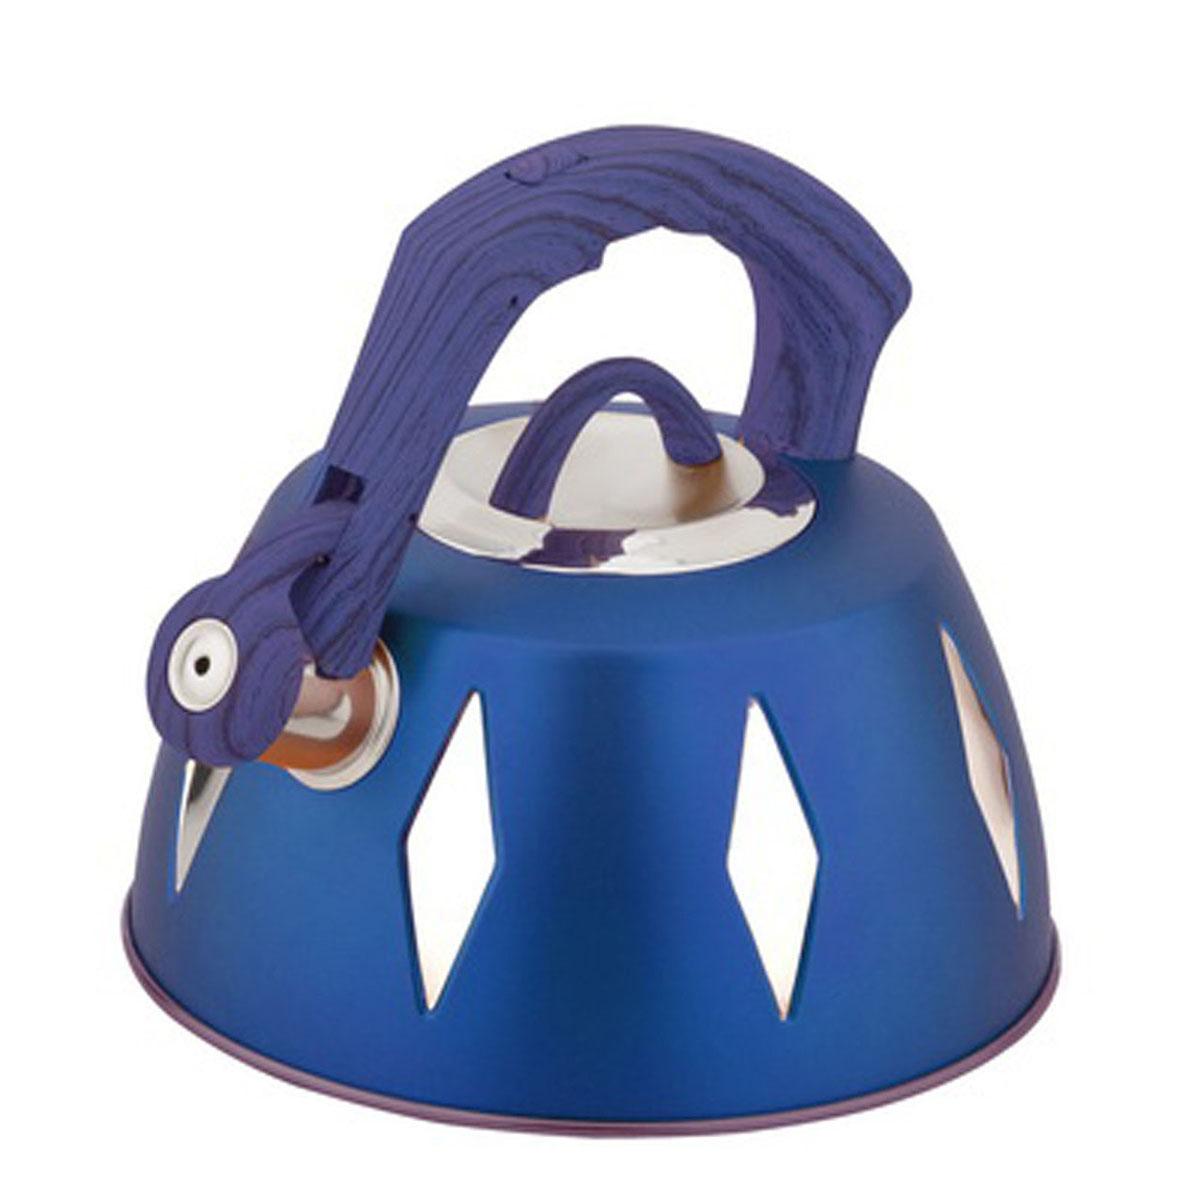 Чайник Bohmann со свистком, 3,5 л, цвет: синий9968BHNEW_синийЧайник Bohmann изготовлен из высококачественной нержавеющей стали с цветным матовым покрытием. Нержавеющая сталь - материал, из которого в течение нескольких десятилетий во всем мире производятся столовые приборы, кухонные инструменты и различные аксессуары. Этот материал обладает высокой стойкостью к коррозии и кислотам. Прочность, долговечность и надежность этого материала, а также первоклассная обработка обеспечивают практически неограниченный запас прочности и неизменно привлекательный внешний вид. Капсульное дно позволяет изделию быстро нагреваться и дольше сохранять тепло. Чайник оснащен фиксированной прорезиненной цветной ручкой, что предотвращает появление ожогов и обеспечивает безопасность использования. Носик чайника имеет откидной свисток, который подскажет, когда вода закипела. Можно использовать на газовых, электрических, галогенных, стеклокерамических, индукционных плитах. Можно мыть в посудомоечной машине. Высота чайника (без учета ручки и крышки): 11,2 см. Высота чайника (с учетом ручки): 20 см. Диаметр основания чайника: 22,3 см. Диаметр чайника (по верхнему краю): 9,5 см.